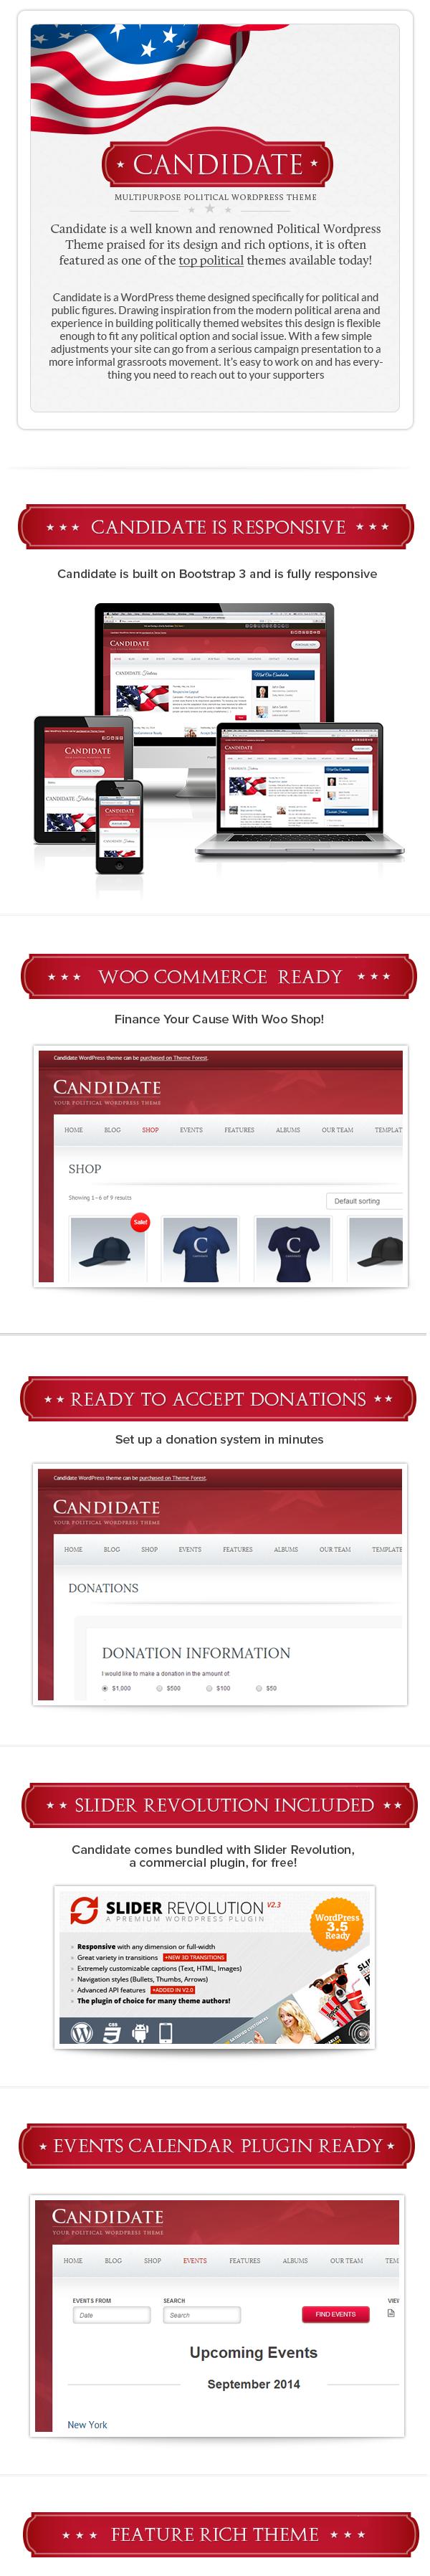 المرشح - موضوع WordPress السياسي - 1